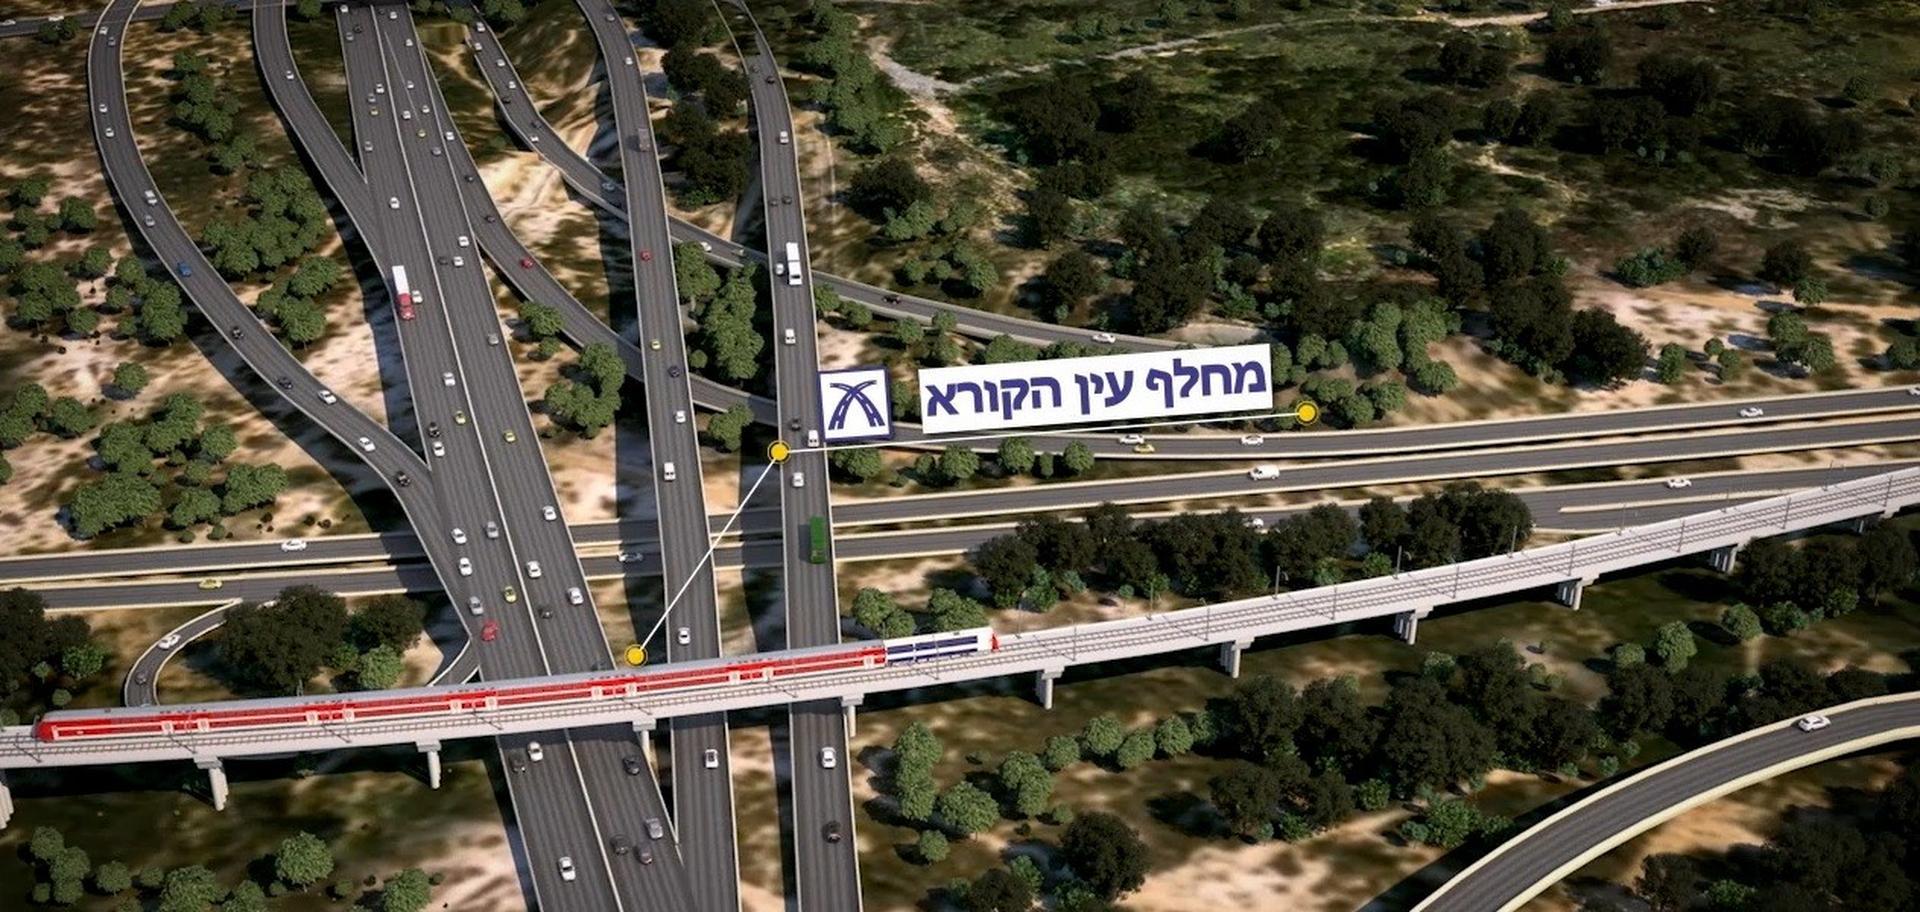 גשר הרכבת הארוך ביותר בישראל סמוך לתחנת הראשונים   צילום: אגף הביצוע של רכבת ישראל ו-New age media